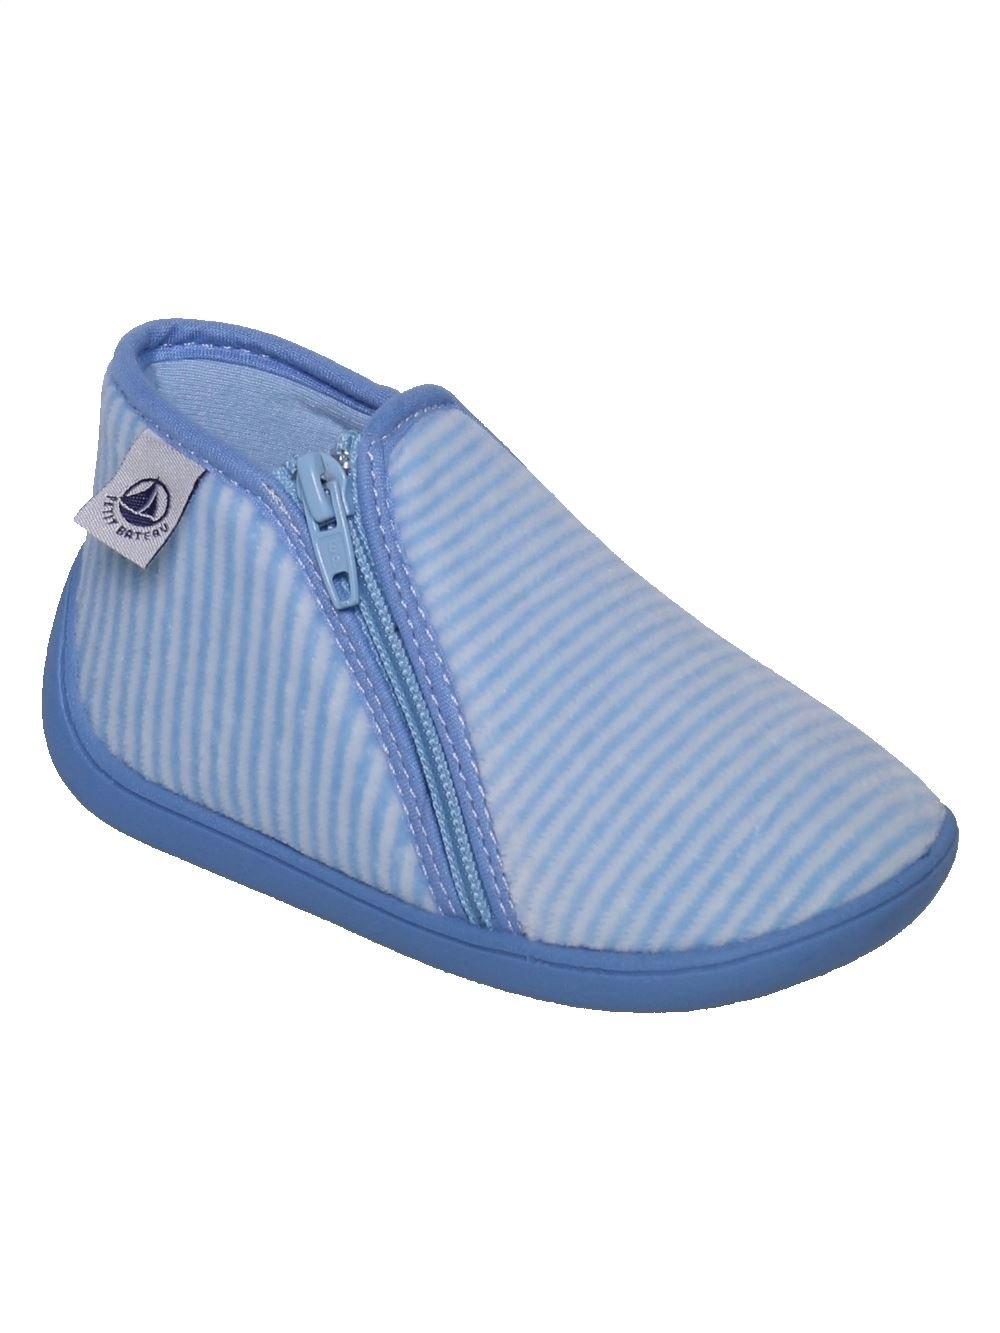 chaussures de sport 0a718 976bb Chaussons Garçon PETIT BATEAU 22 pas cher, 10.99 € - #1378570